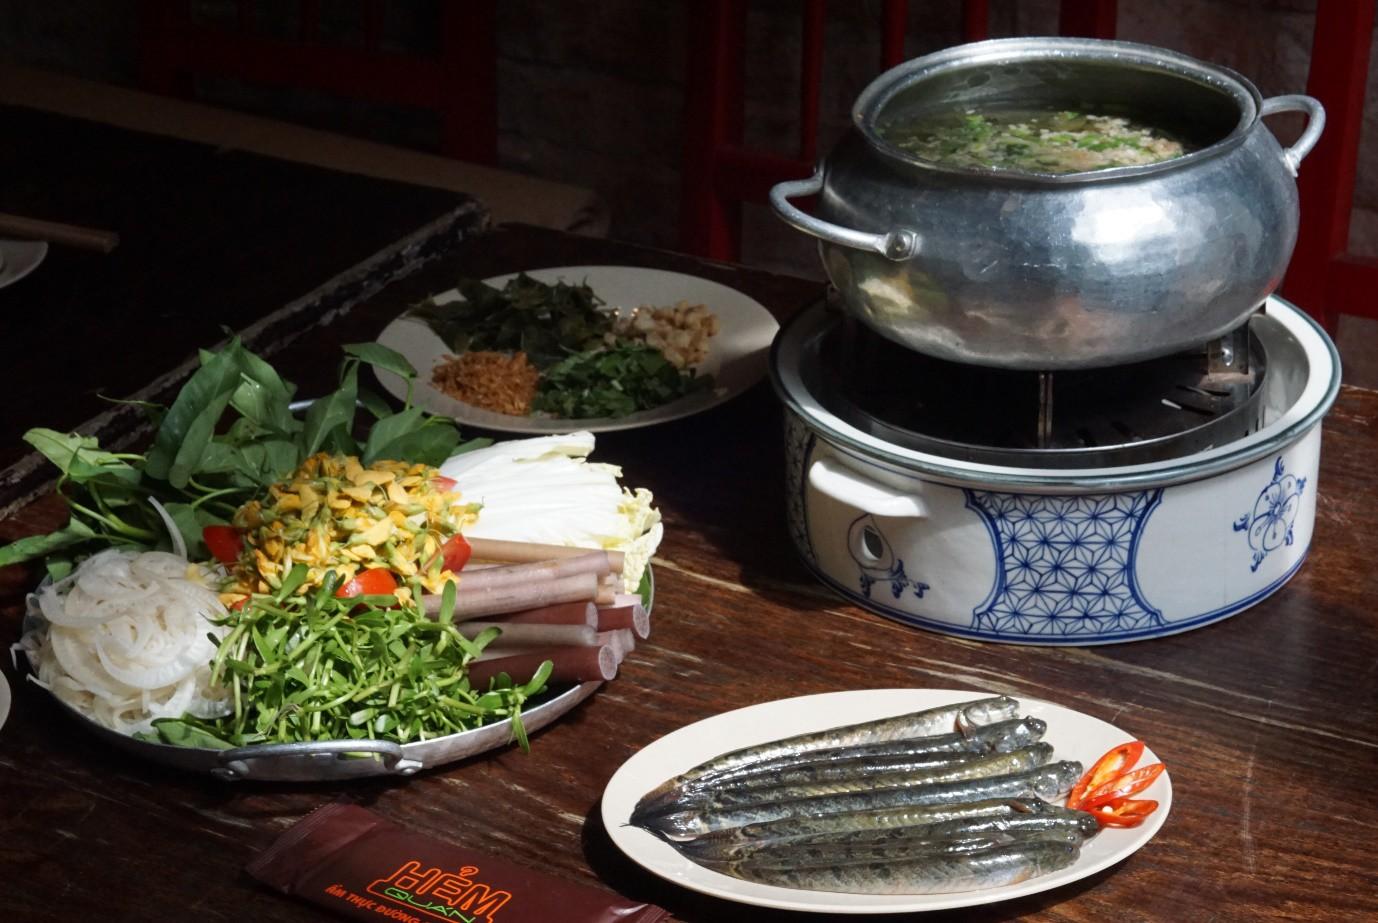 Hẻm Quán: Văn hoá ẩm thực Sài Gòn giữa lòng Hà Nội - Ảnh 1.